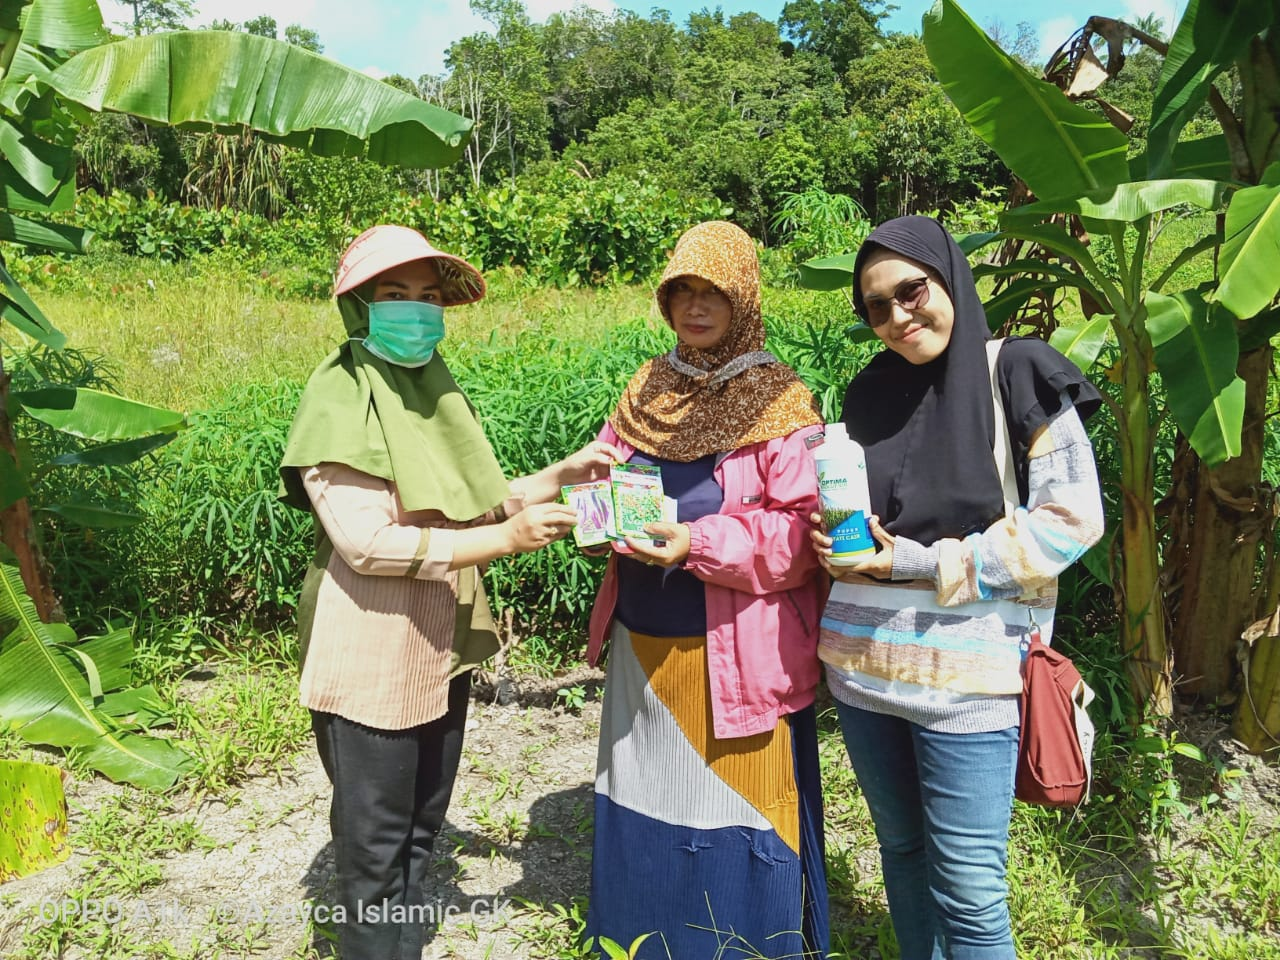 Hadir di Kabupate Natuna, HKTI Perempuan Akan Konsisten Memperhatikan Nasib Perempuan Tani